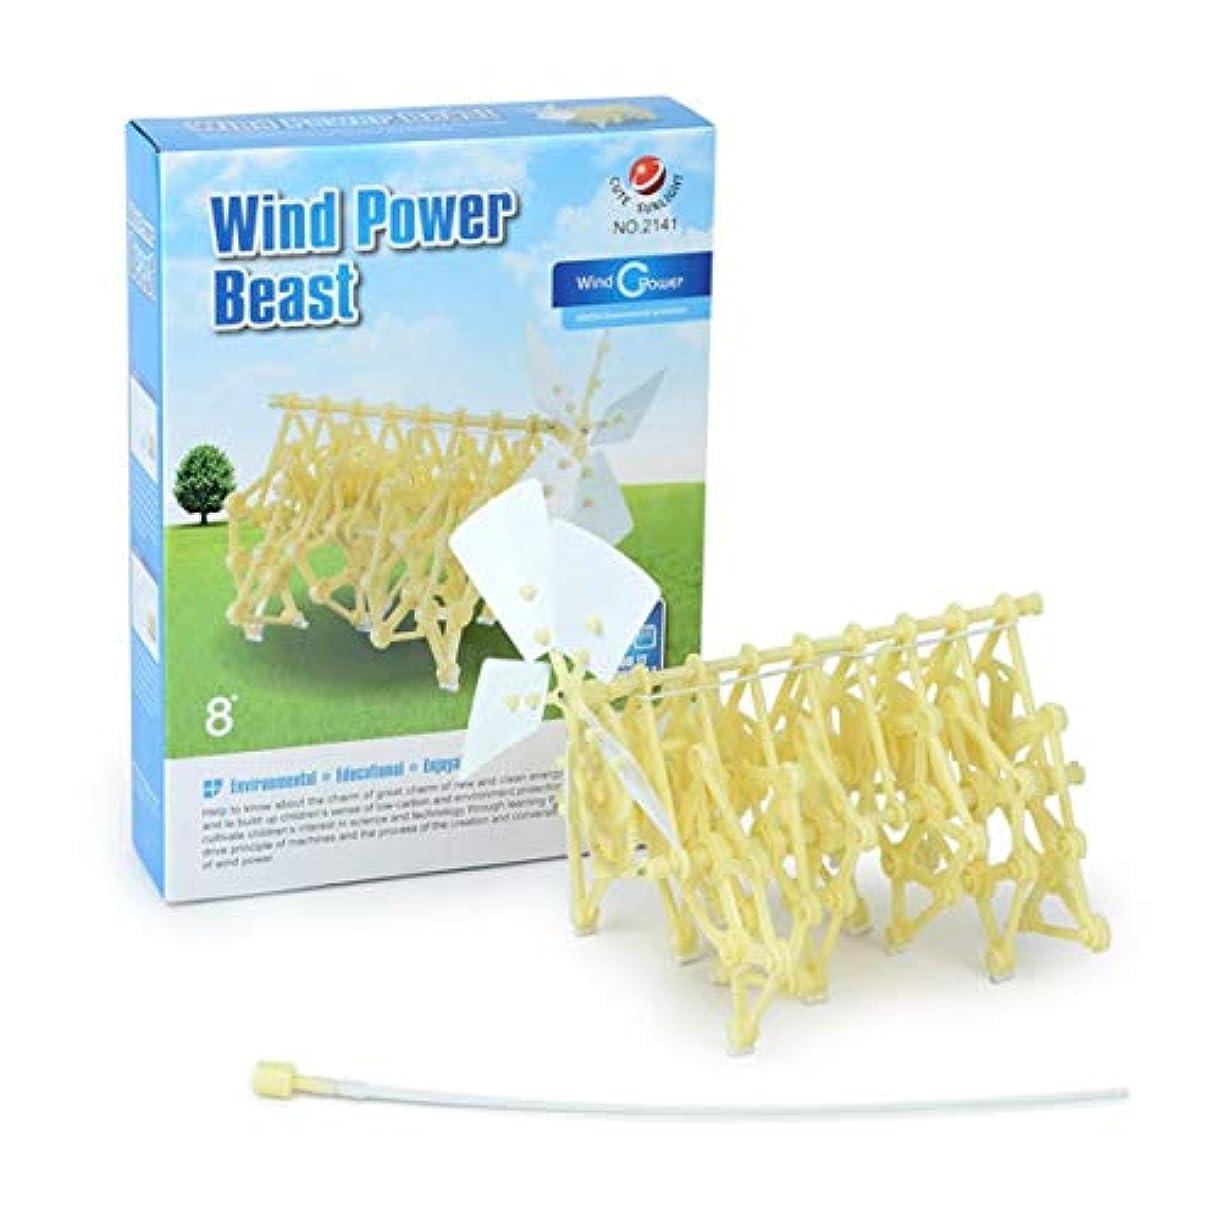 強います手首上げるDIYの組み立て式教育玩具組み立て済み風力発電車科学と教育建物風力エネルギー動的パズルイエロー